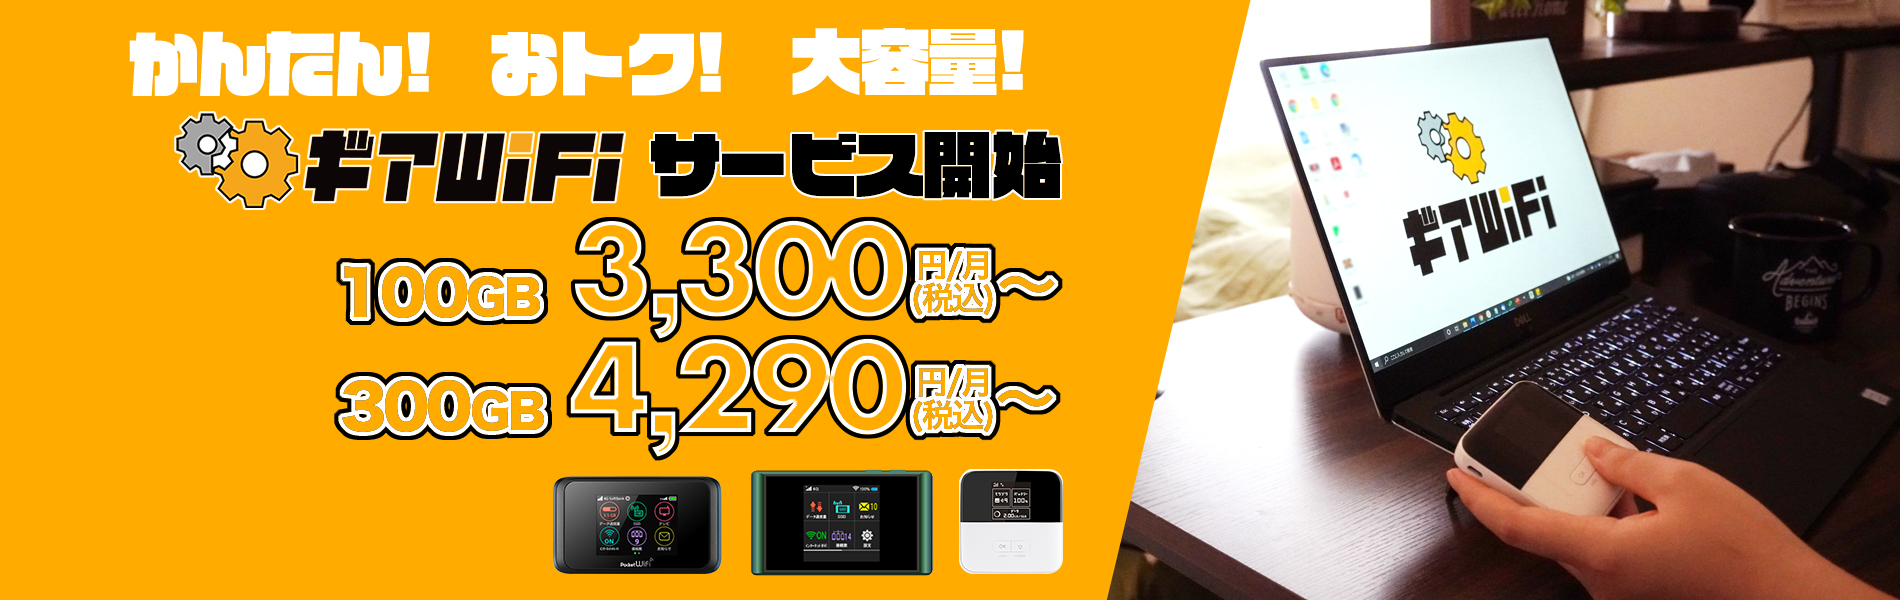 ギアWiFi公式サイトの画像です。キャリア品質の物理SIMで安心・安定・繋がりやすい!100GB・300GBの大容量がおトクな価格(3,300円税込〜)で登場!縛り無しと1年契約の2コースから選べます!